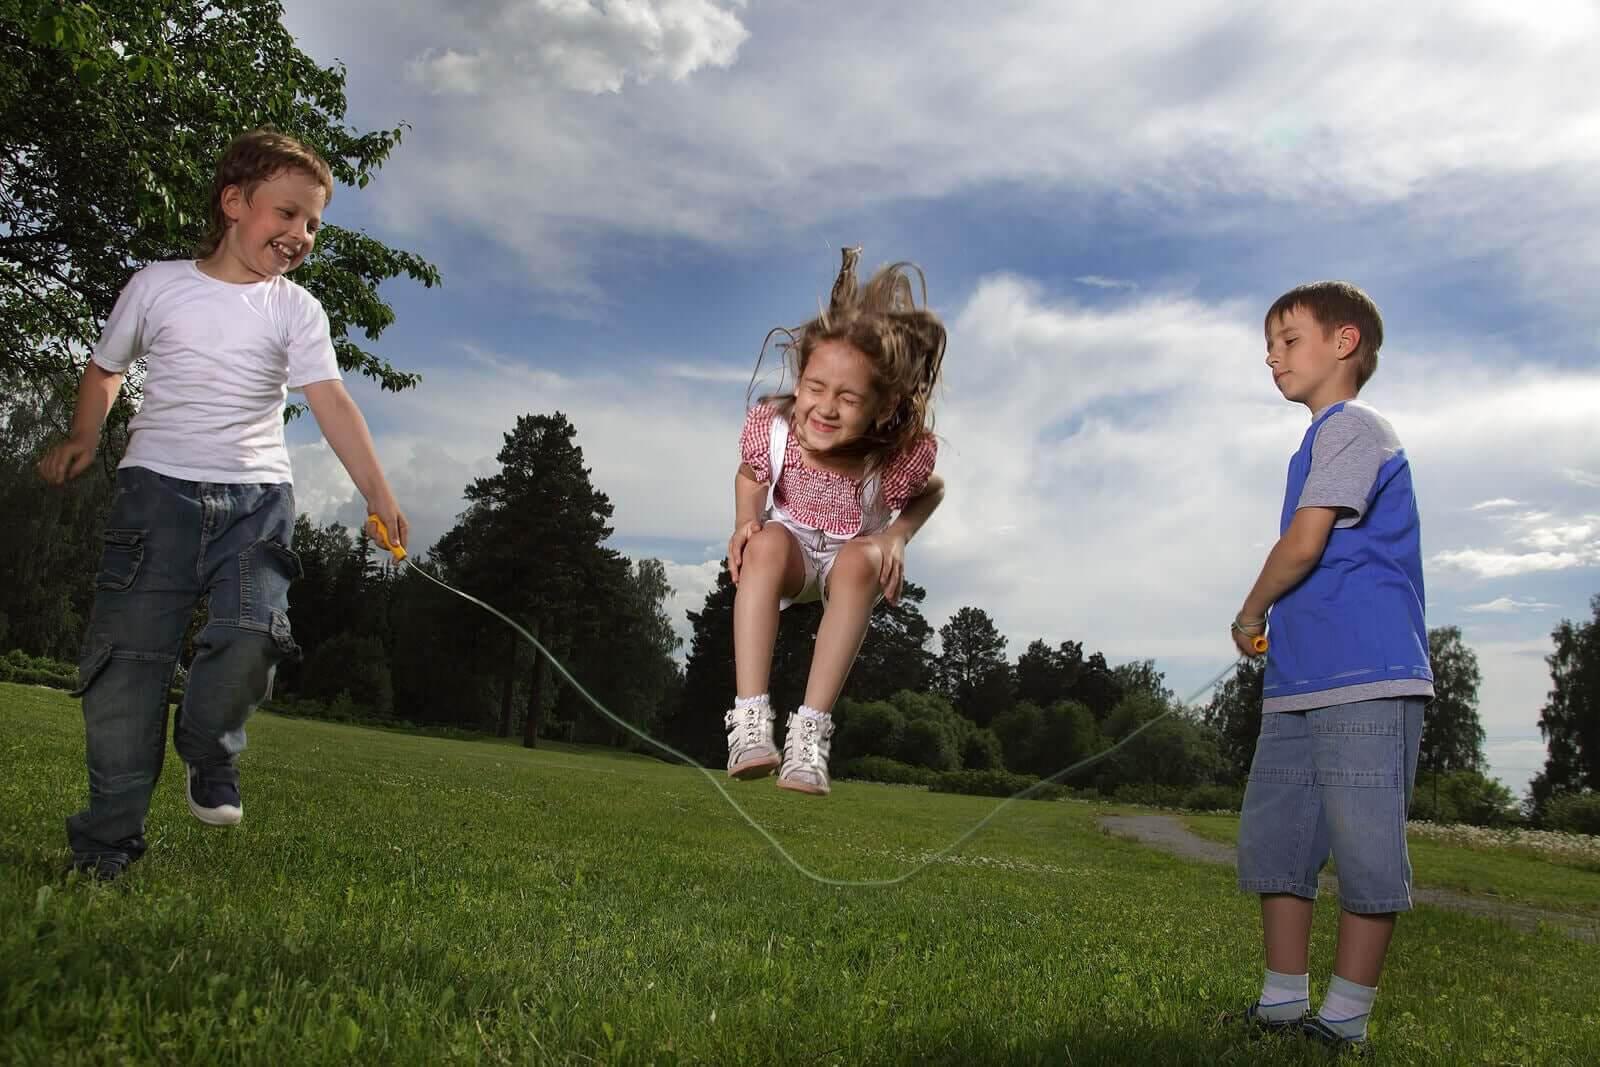 röra sig fritt: barn hoppar hopprep